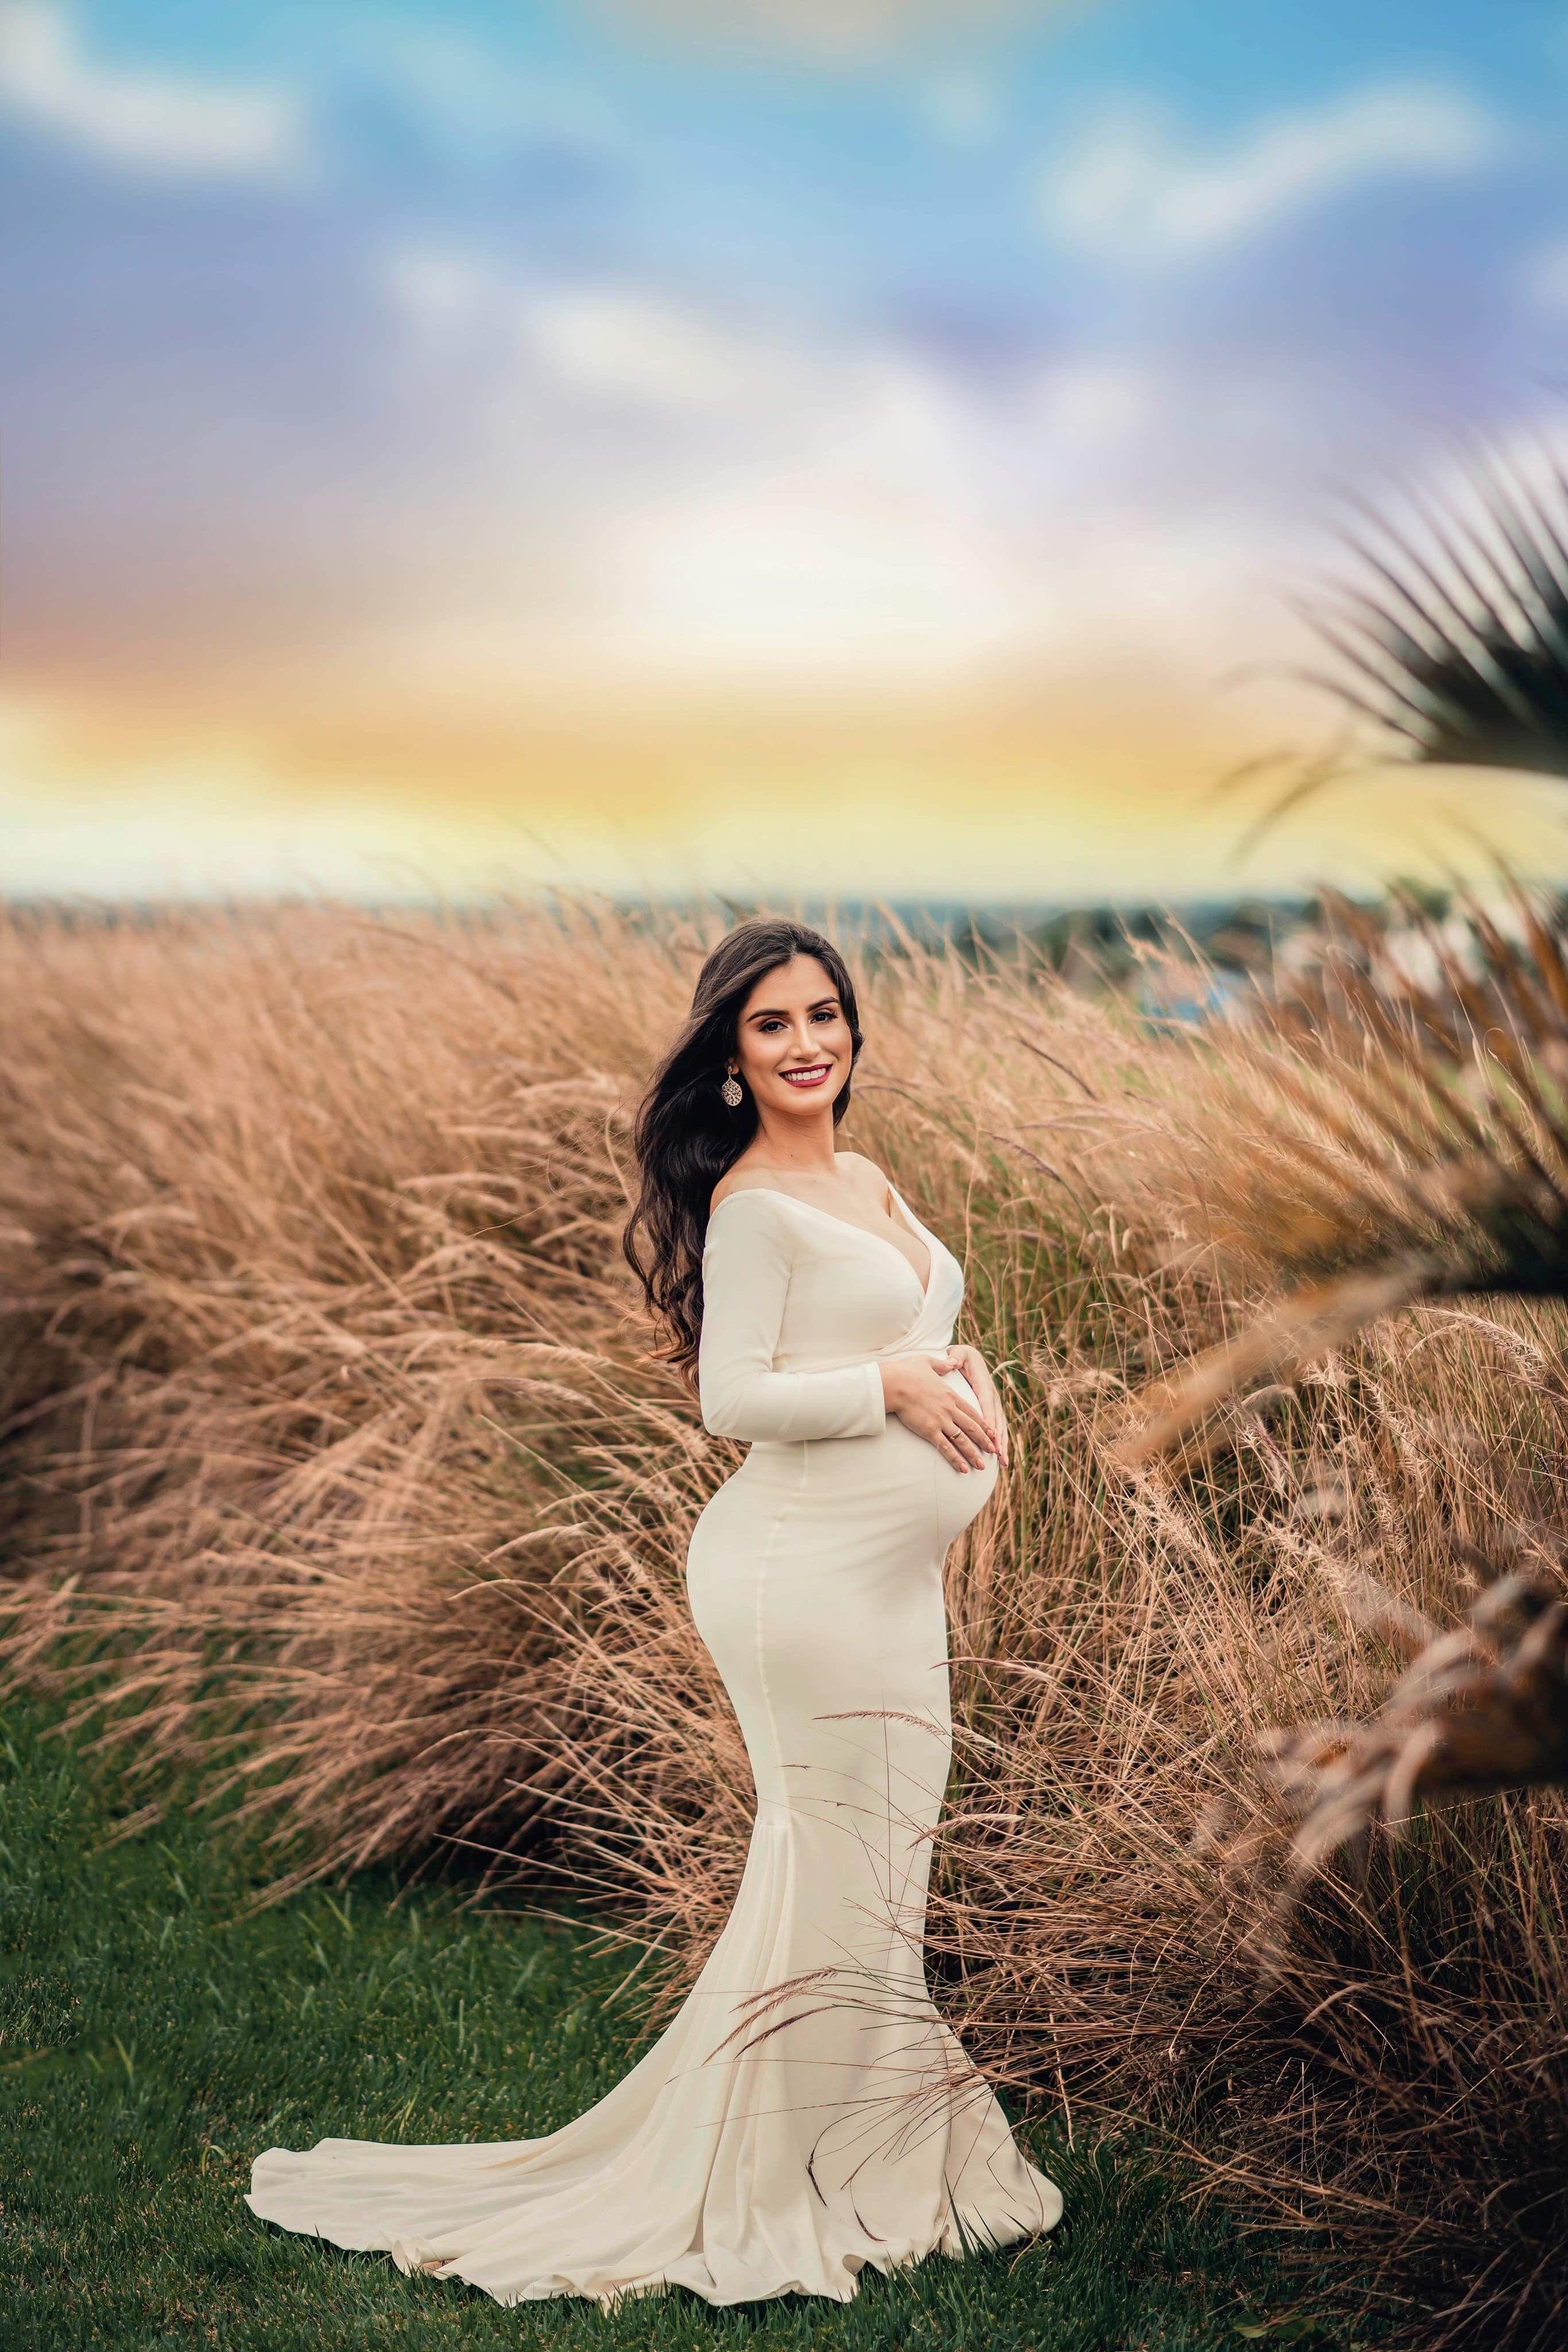 Pretty Pregnant Women in 2020 Long white dress